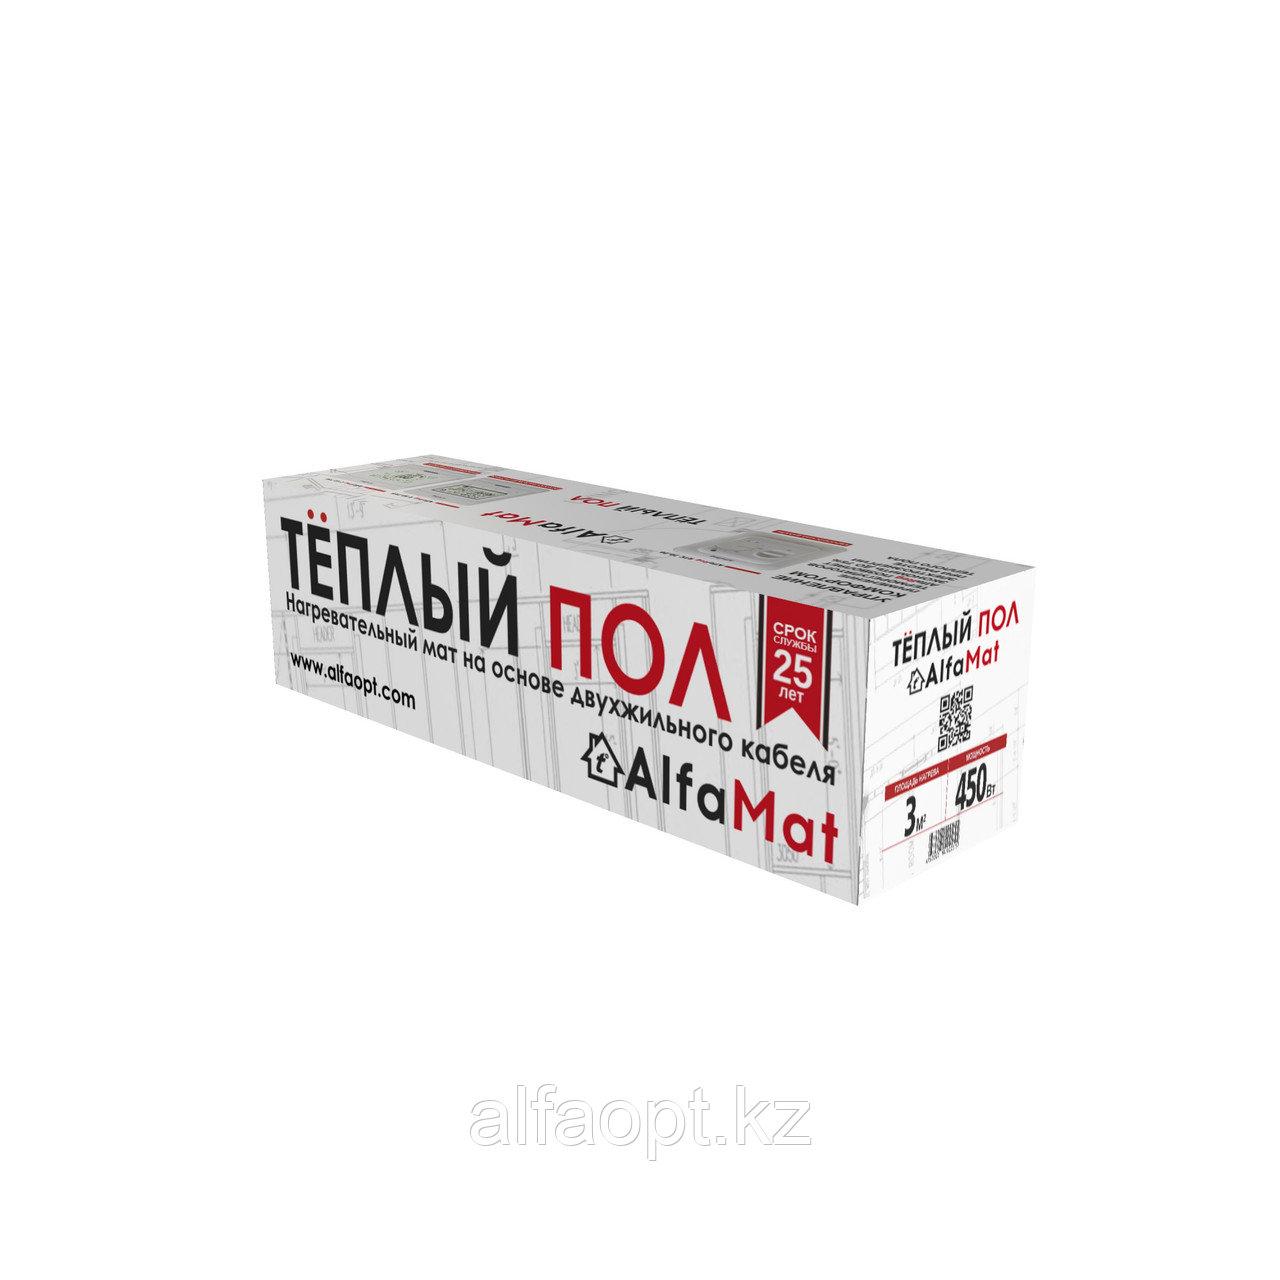 Мат нагревательный AlfaMat-150 (3,0 м²)